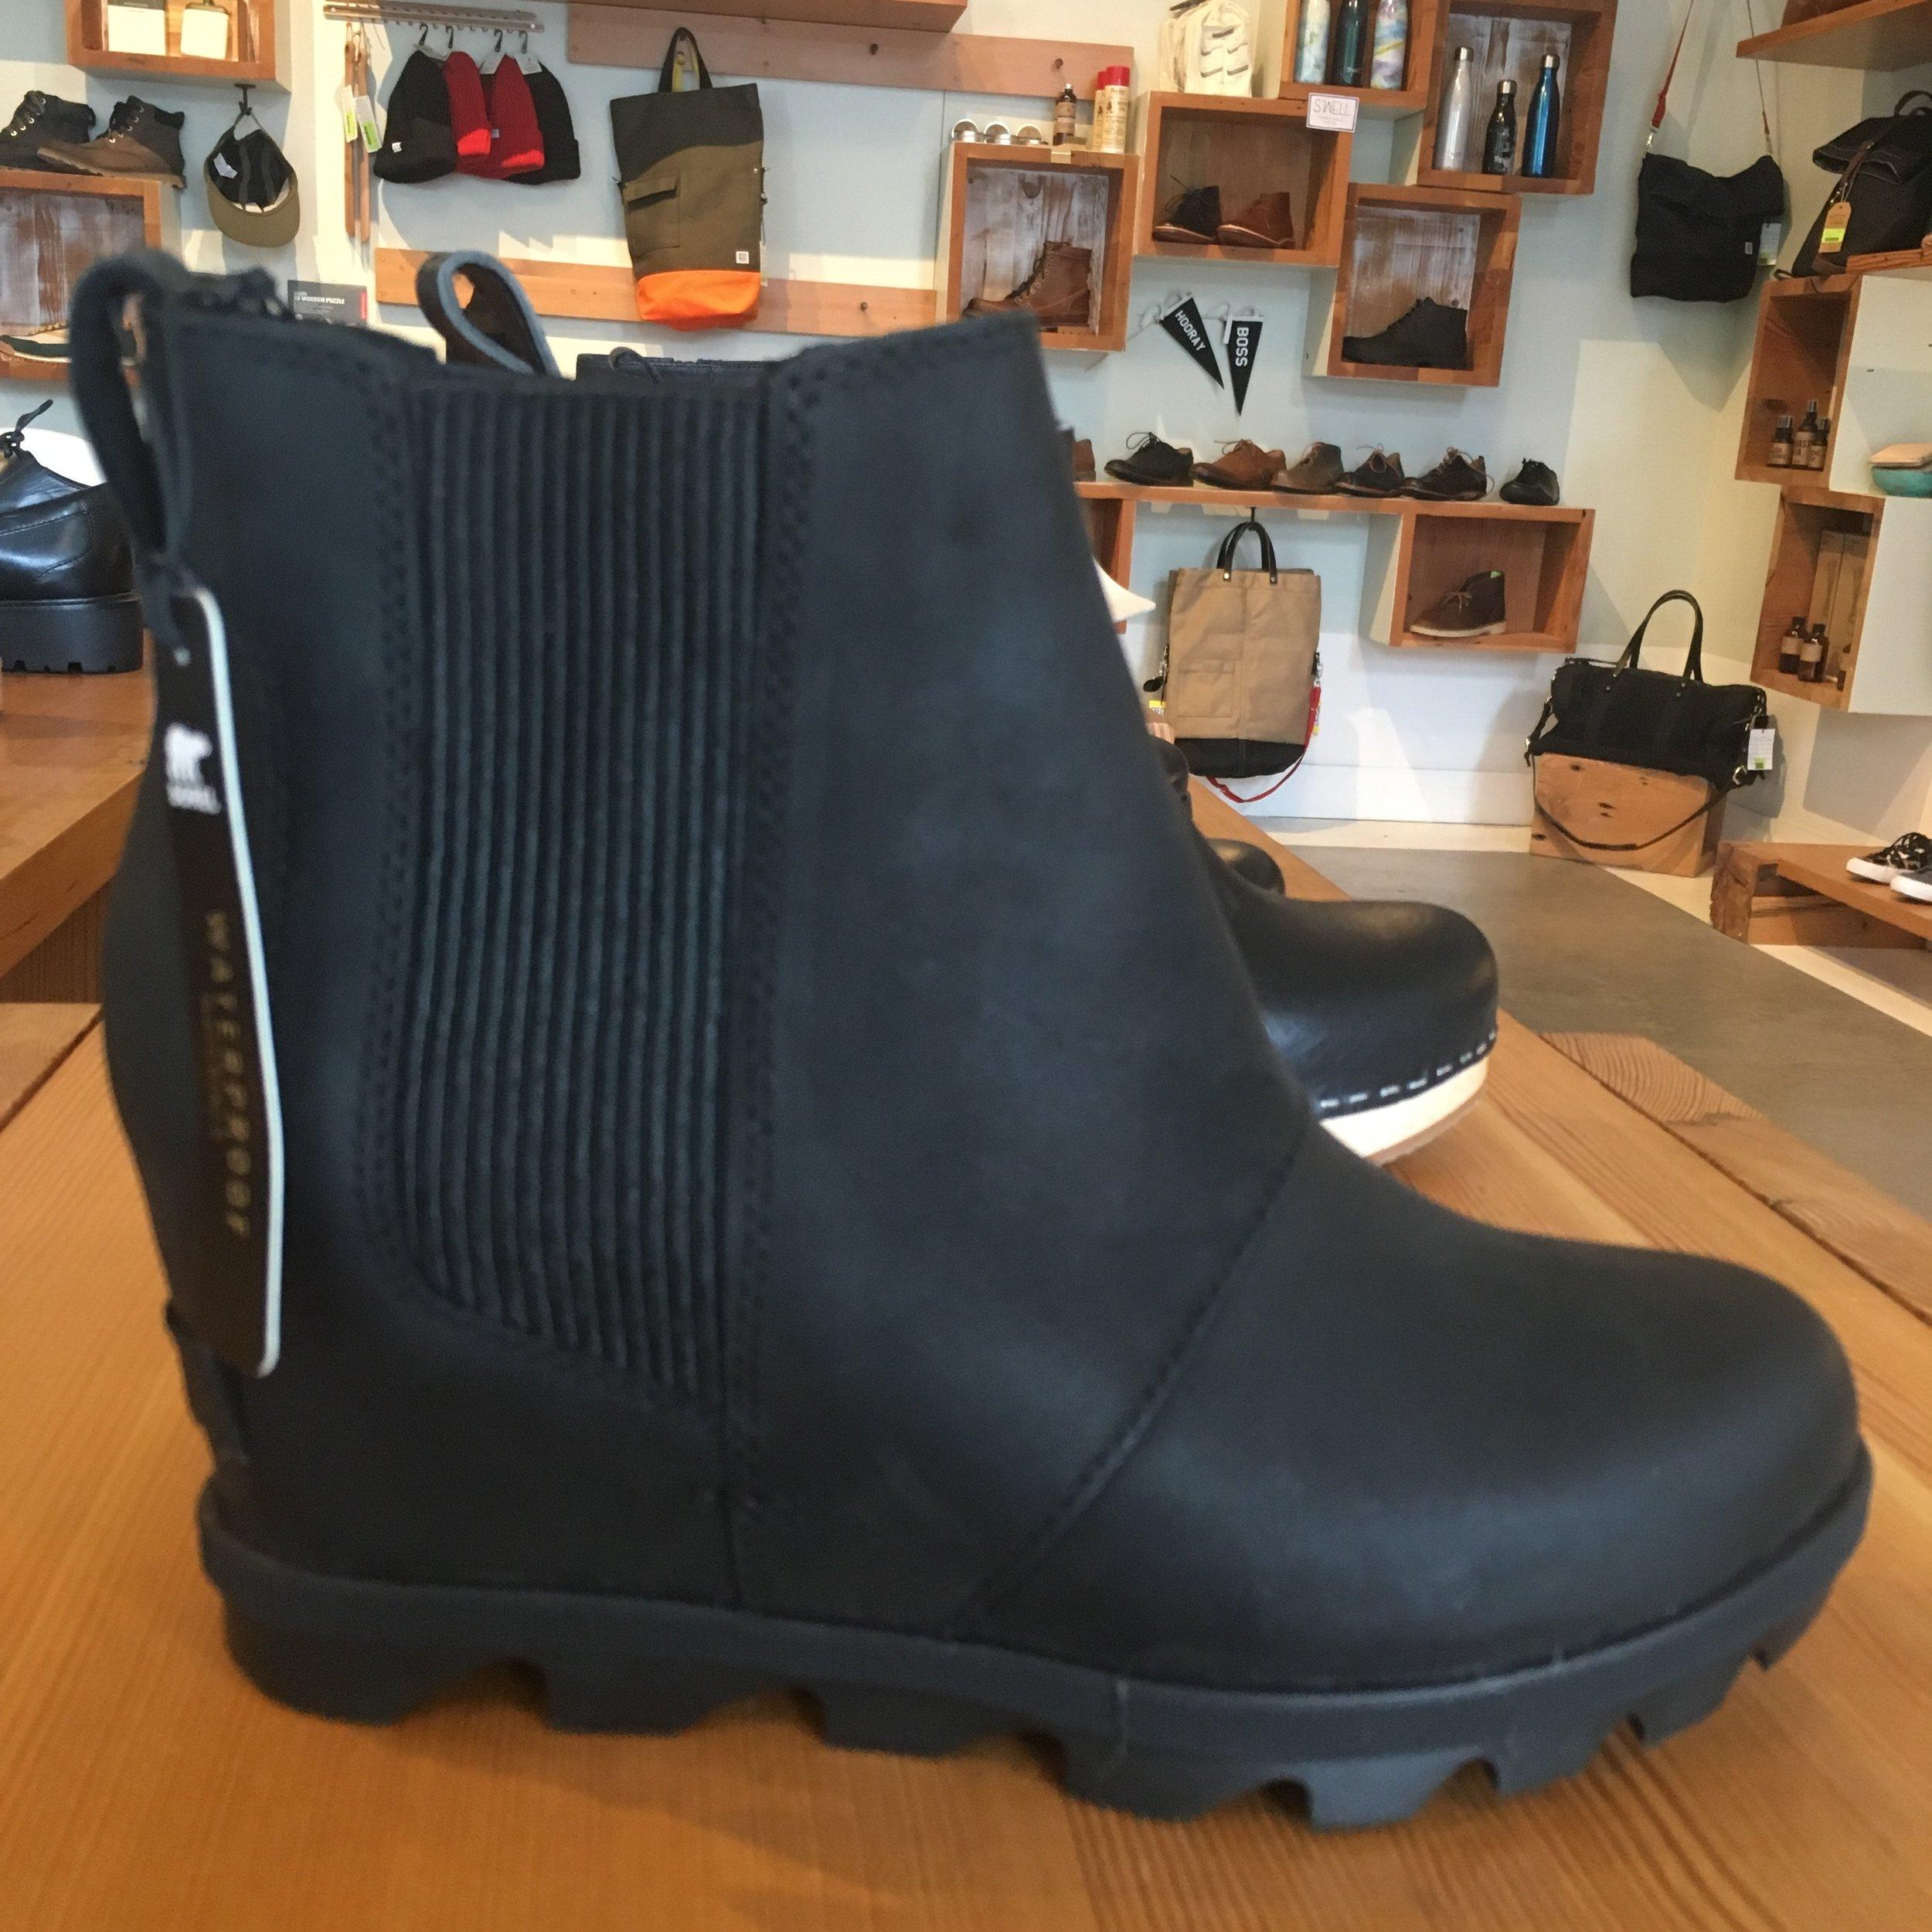 Sorel Joan of Arctic Wedge II, in black (and waterproof!), $206.00